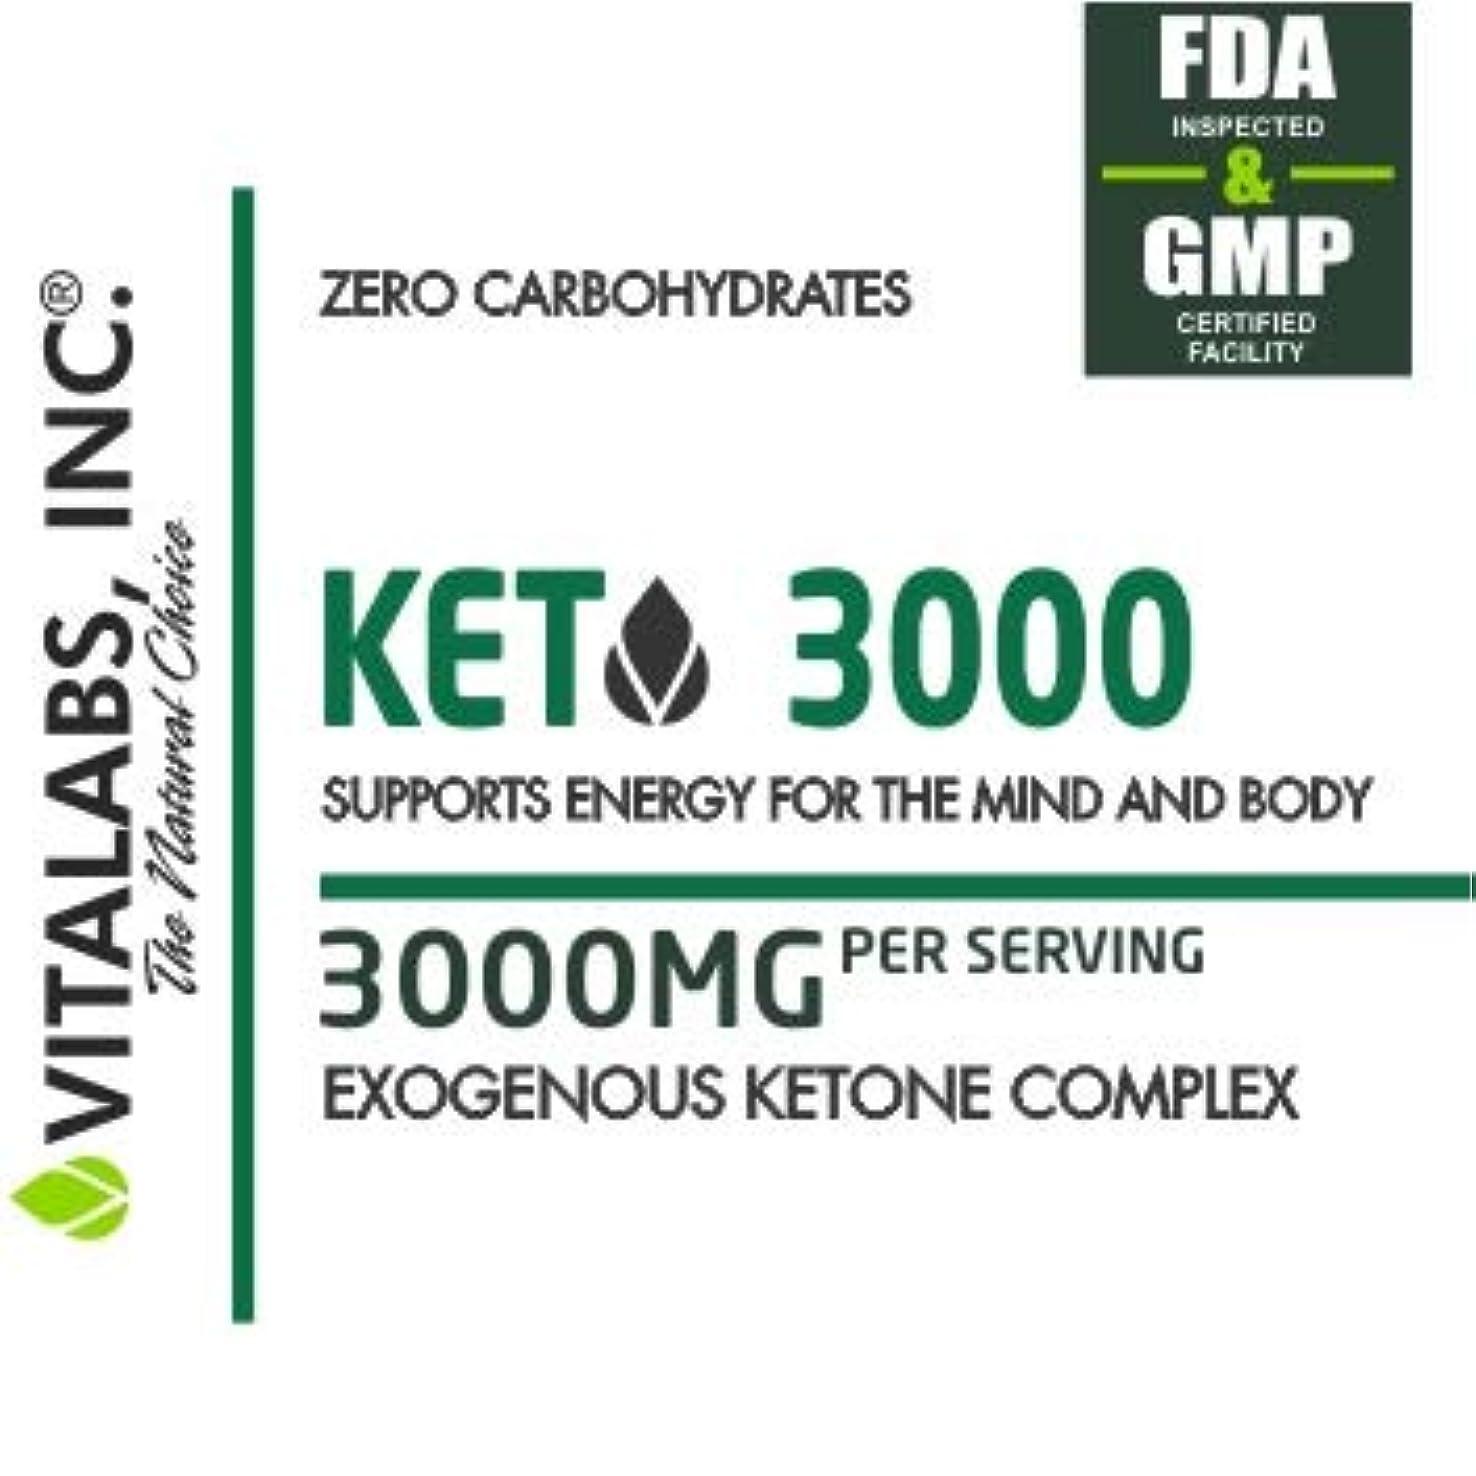 苦痛特異性フクロウ低炭水化物状態を作る/ケトジェニックダイエットサポートサプリメント KETO 3000/ Vitalabs 【アメリカより直送】】 (240カプセル(60回分))